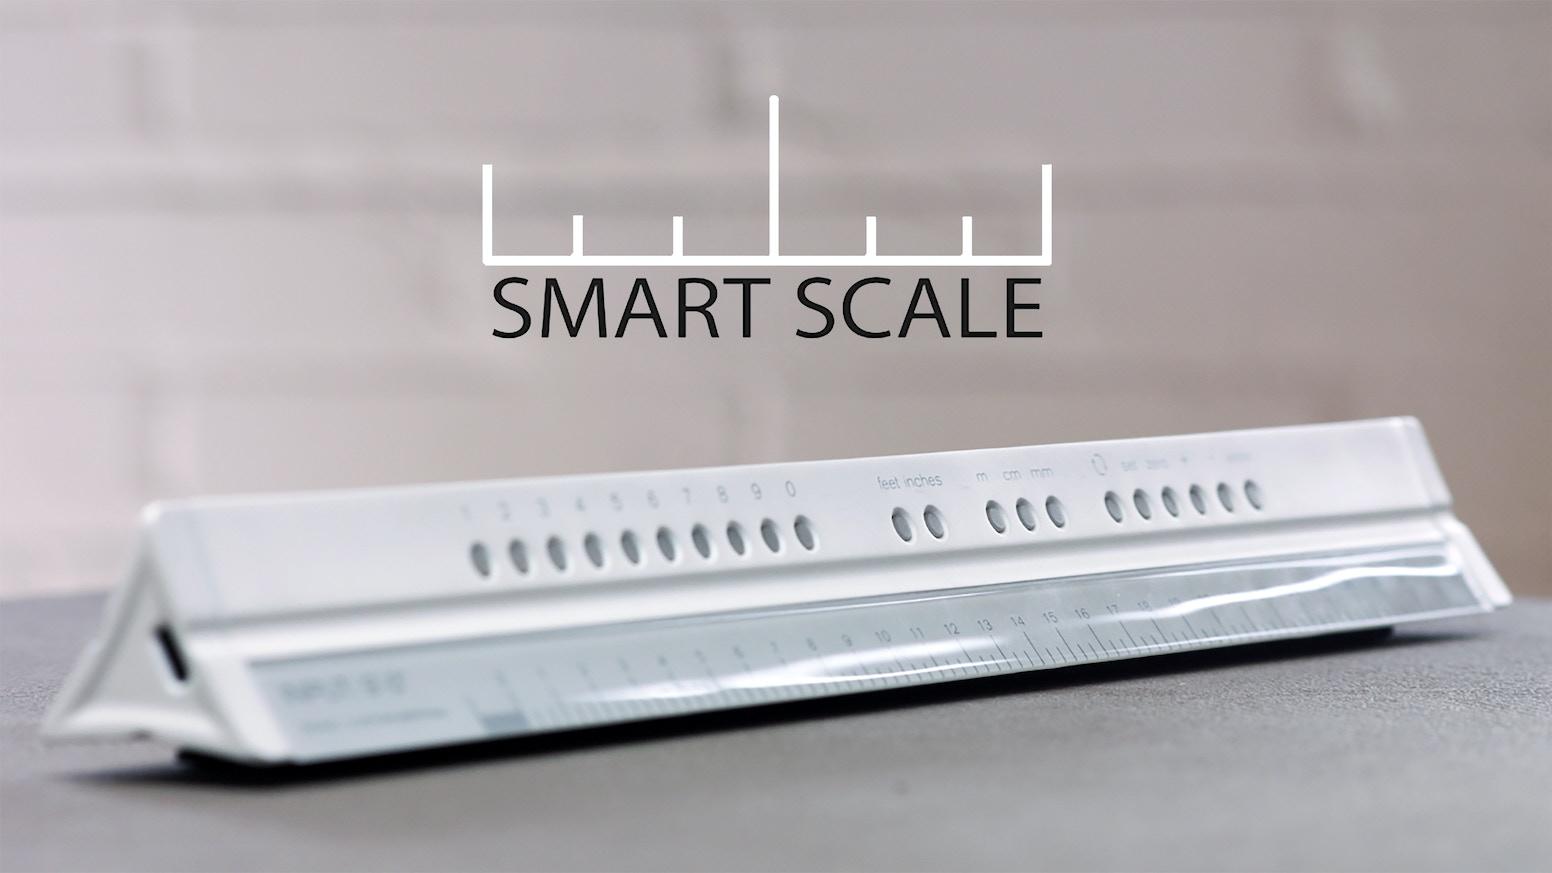 Smart Scale Ruler By Joanne Swisterski Kickstarter